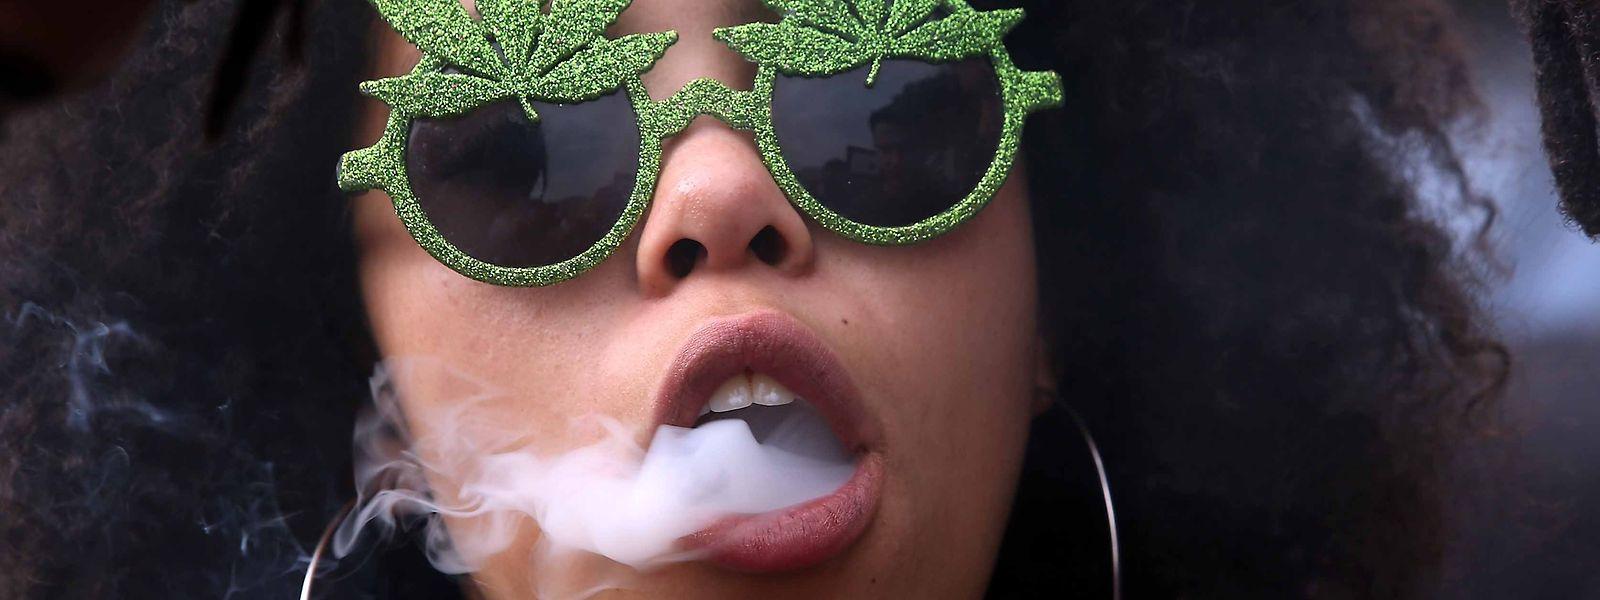 """In Kapstadt findet jährlich ein """"Global Cannabis March"""" (Foto) statt, bei dem die Konsumenten für ihre Rechte auf die Straße gehen."""